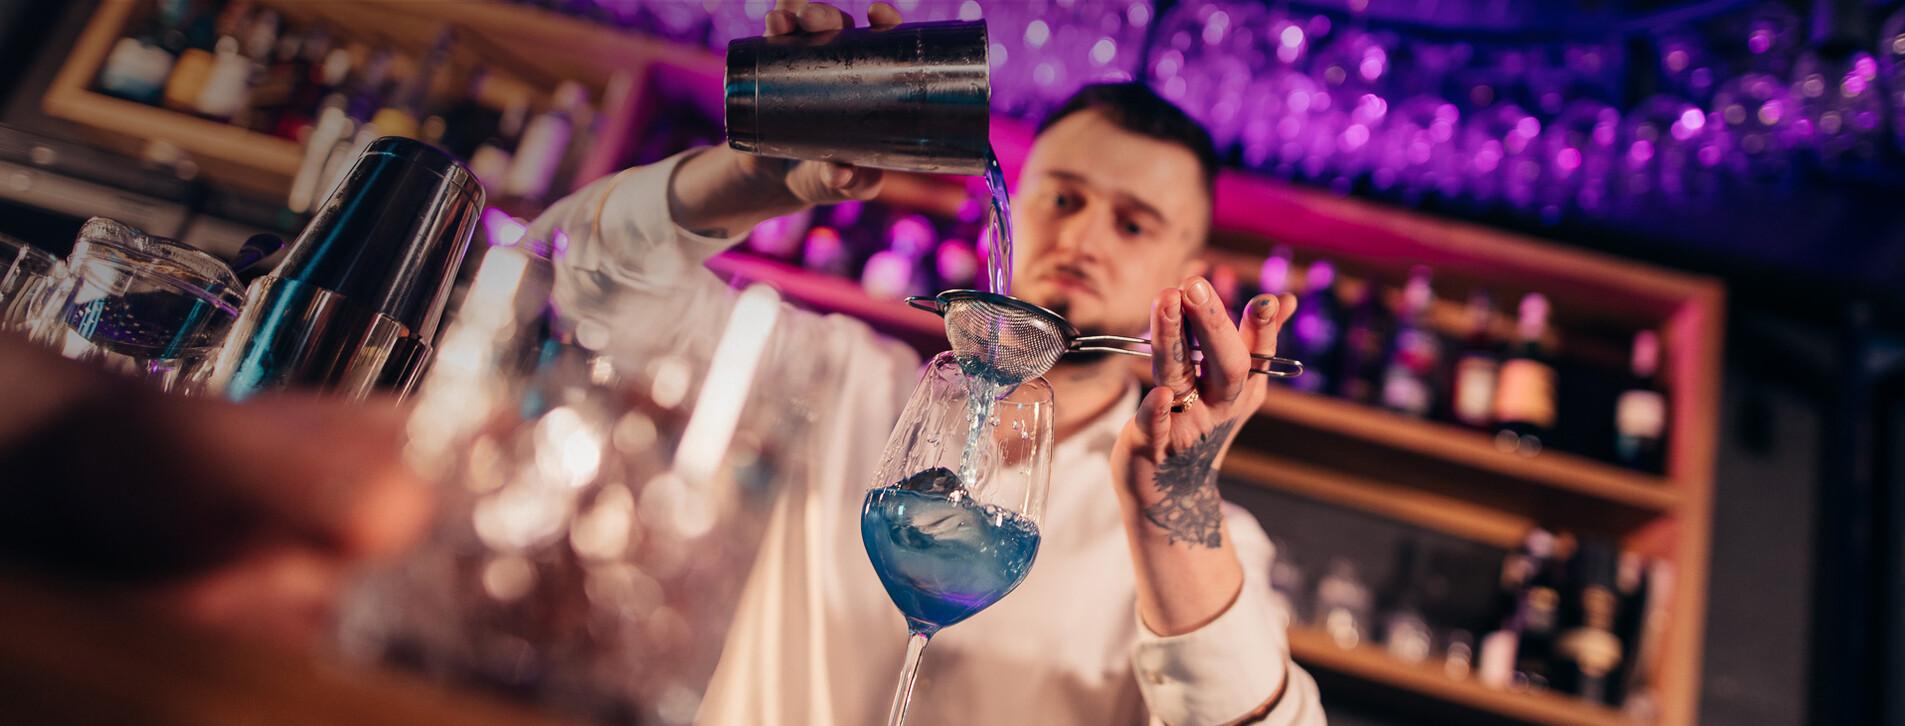 Фото 1 - Мастер-класс коктейлей